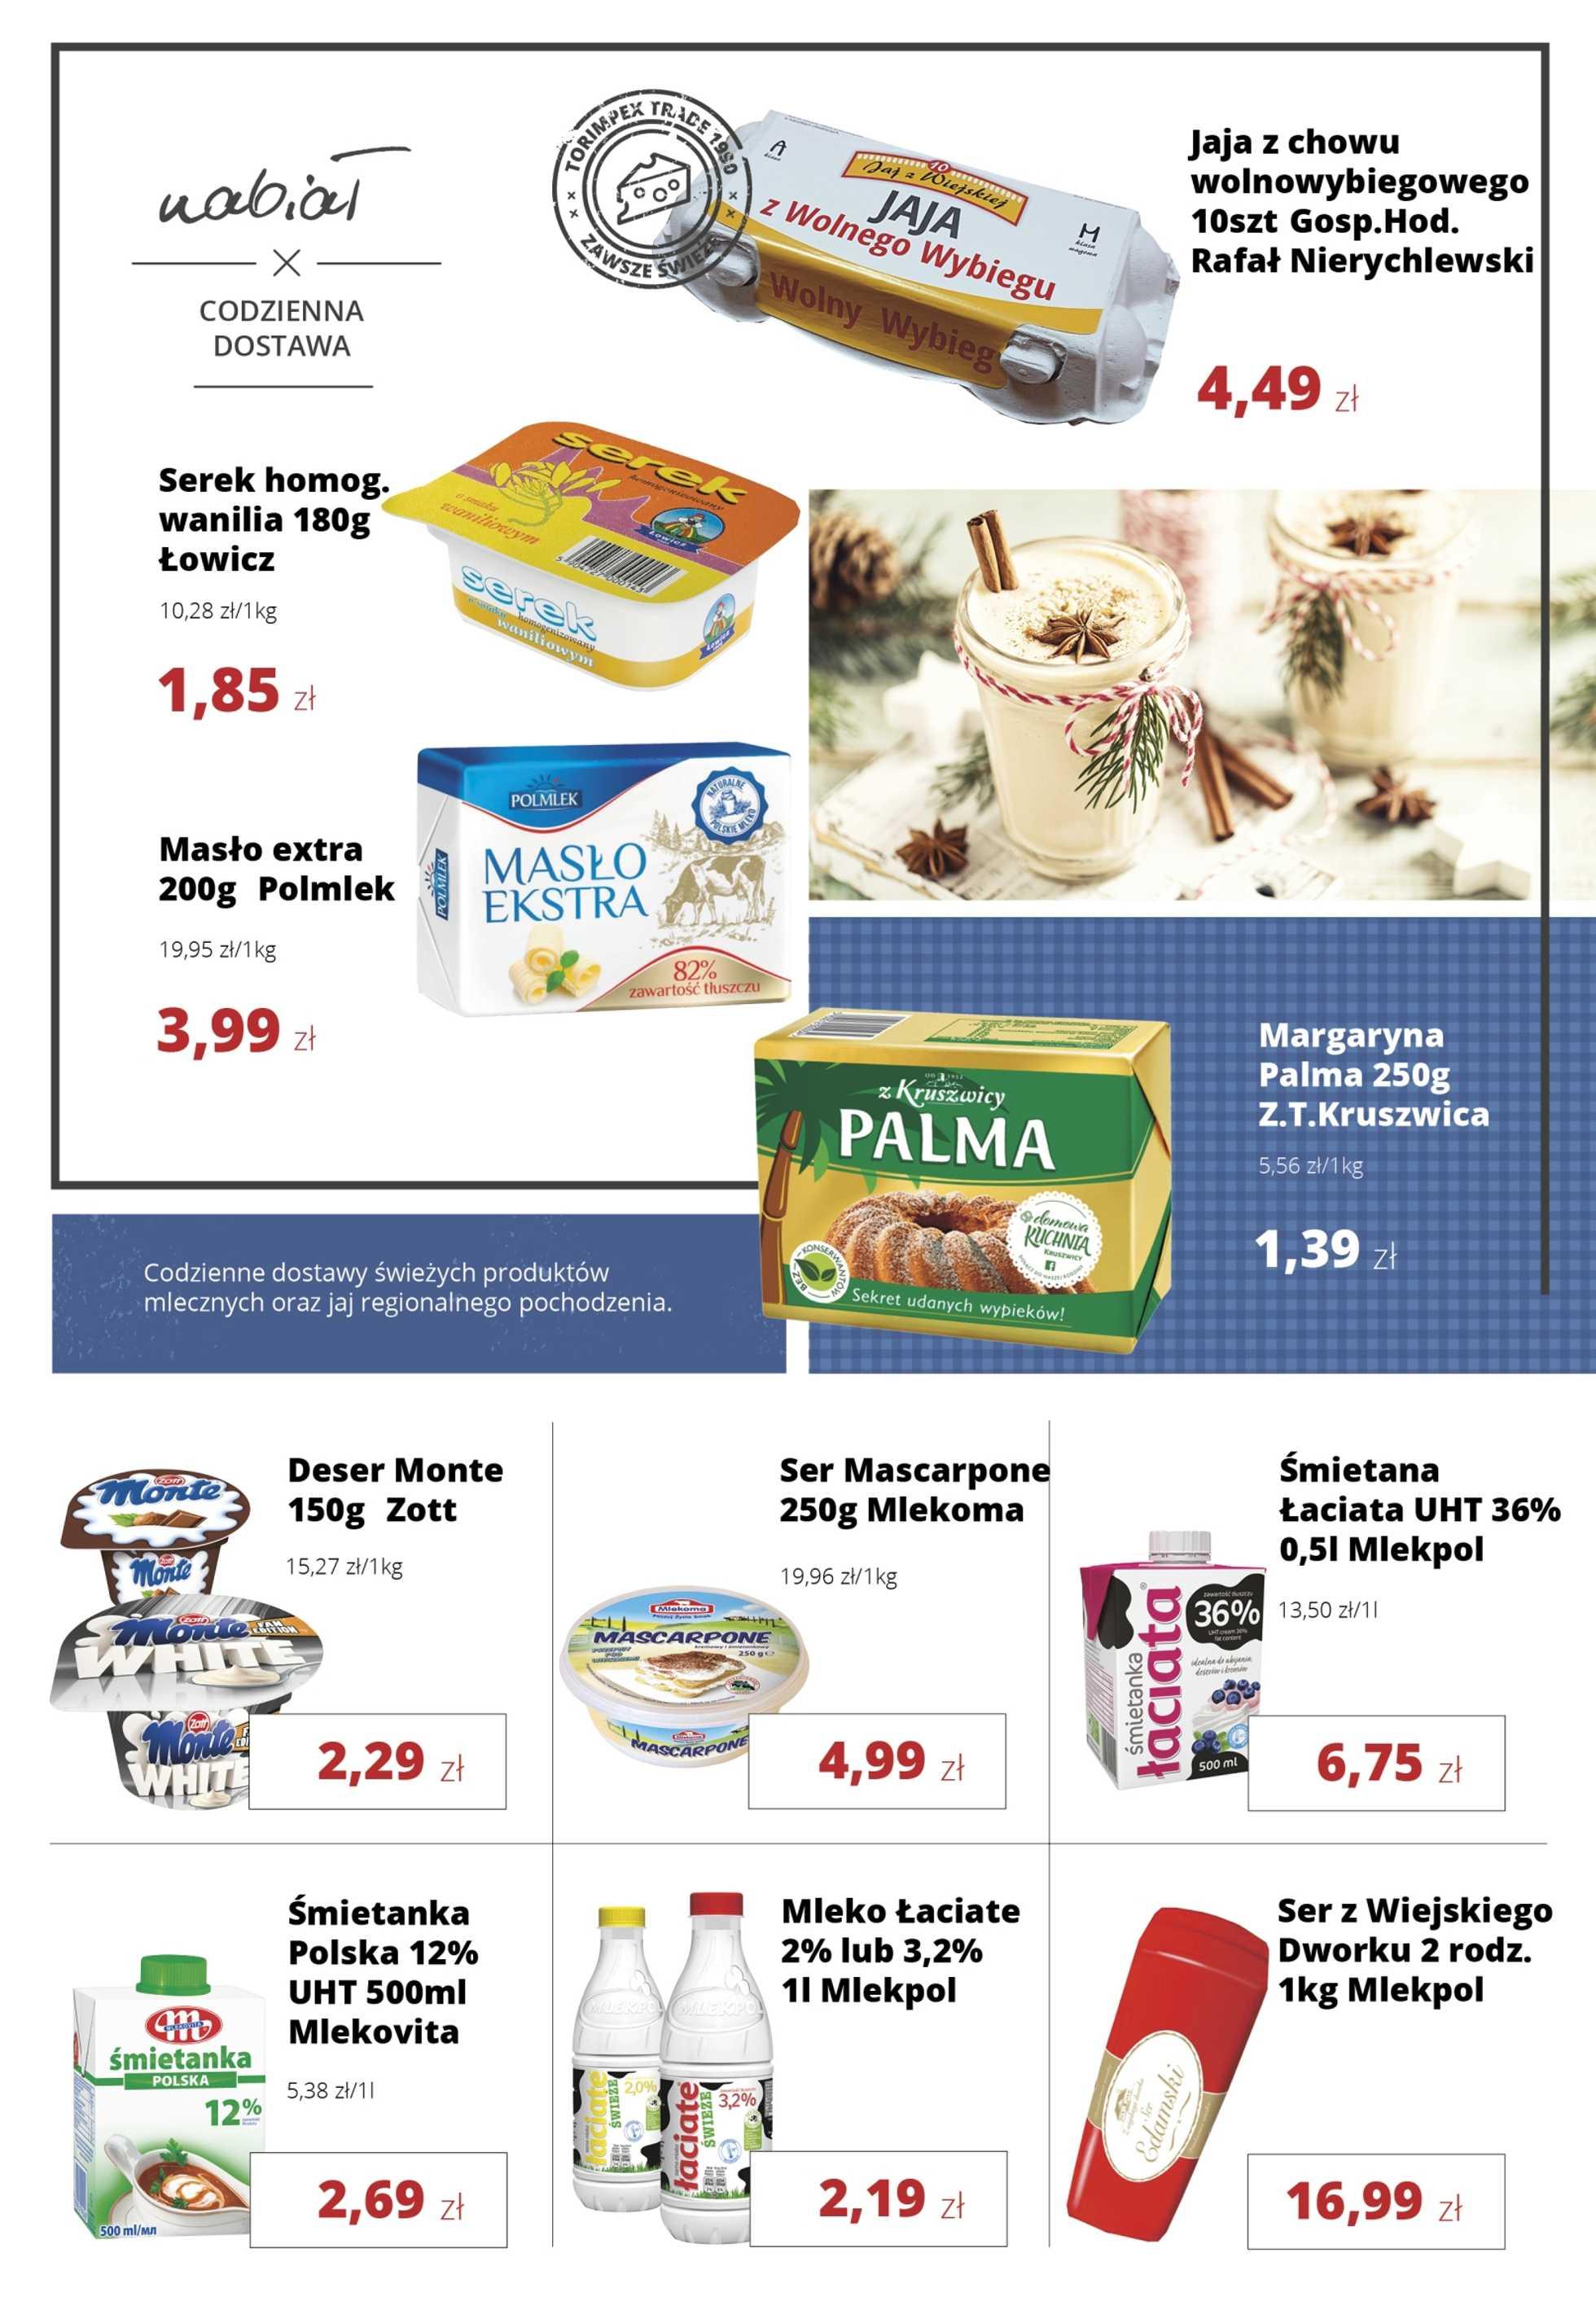 Torimpex - gazetka promocyjna ważna od 06.12.2019 do 24.12.2019 - strona 2.